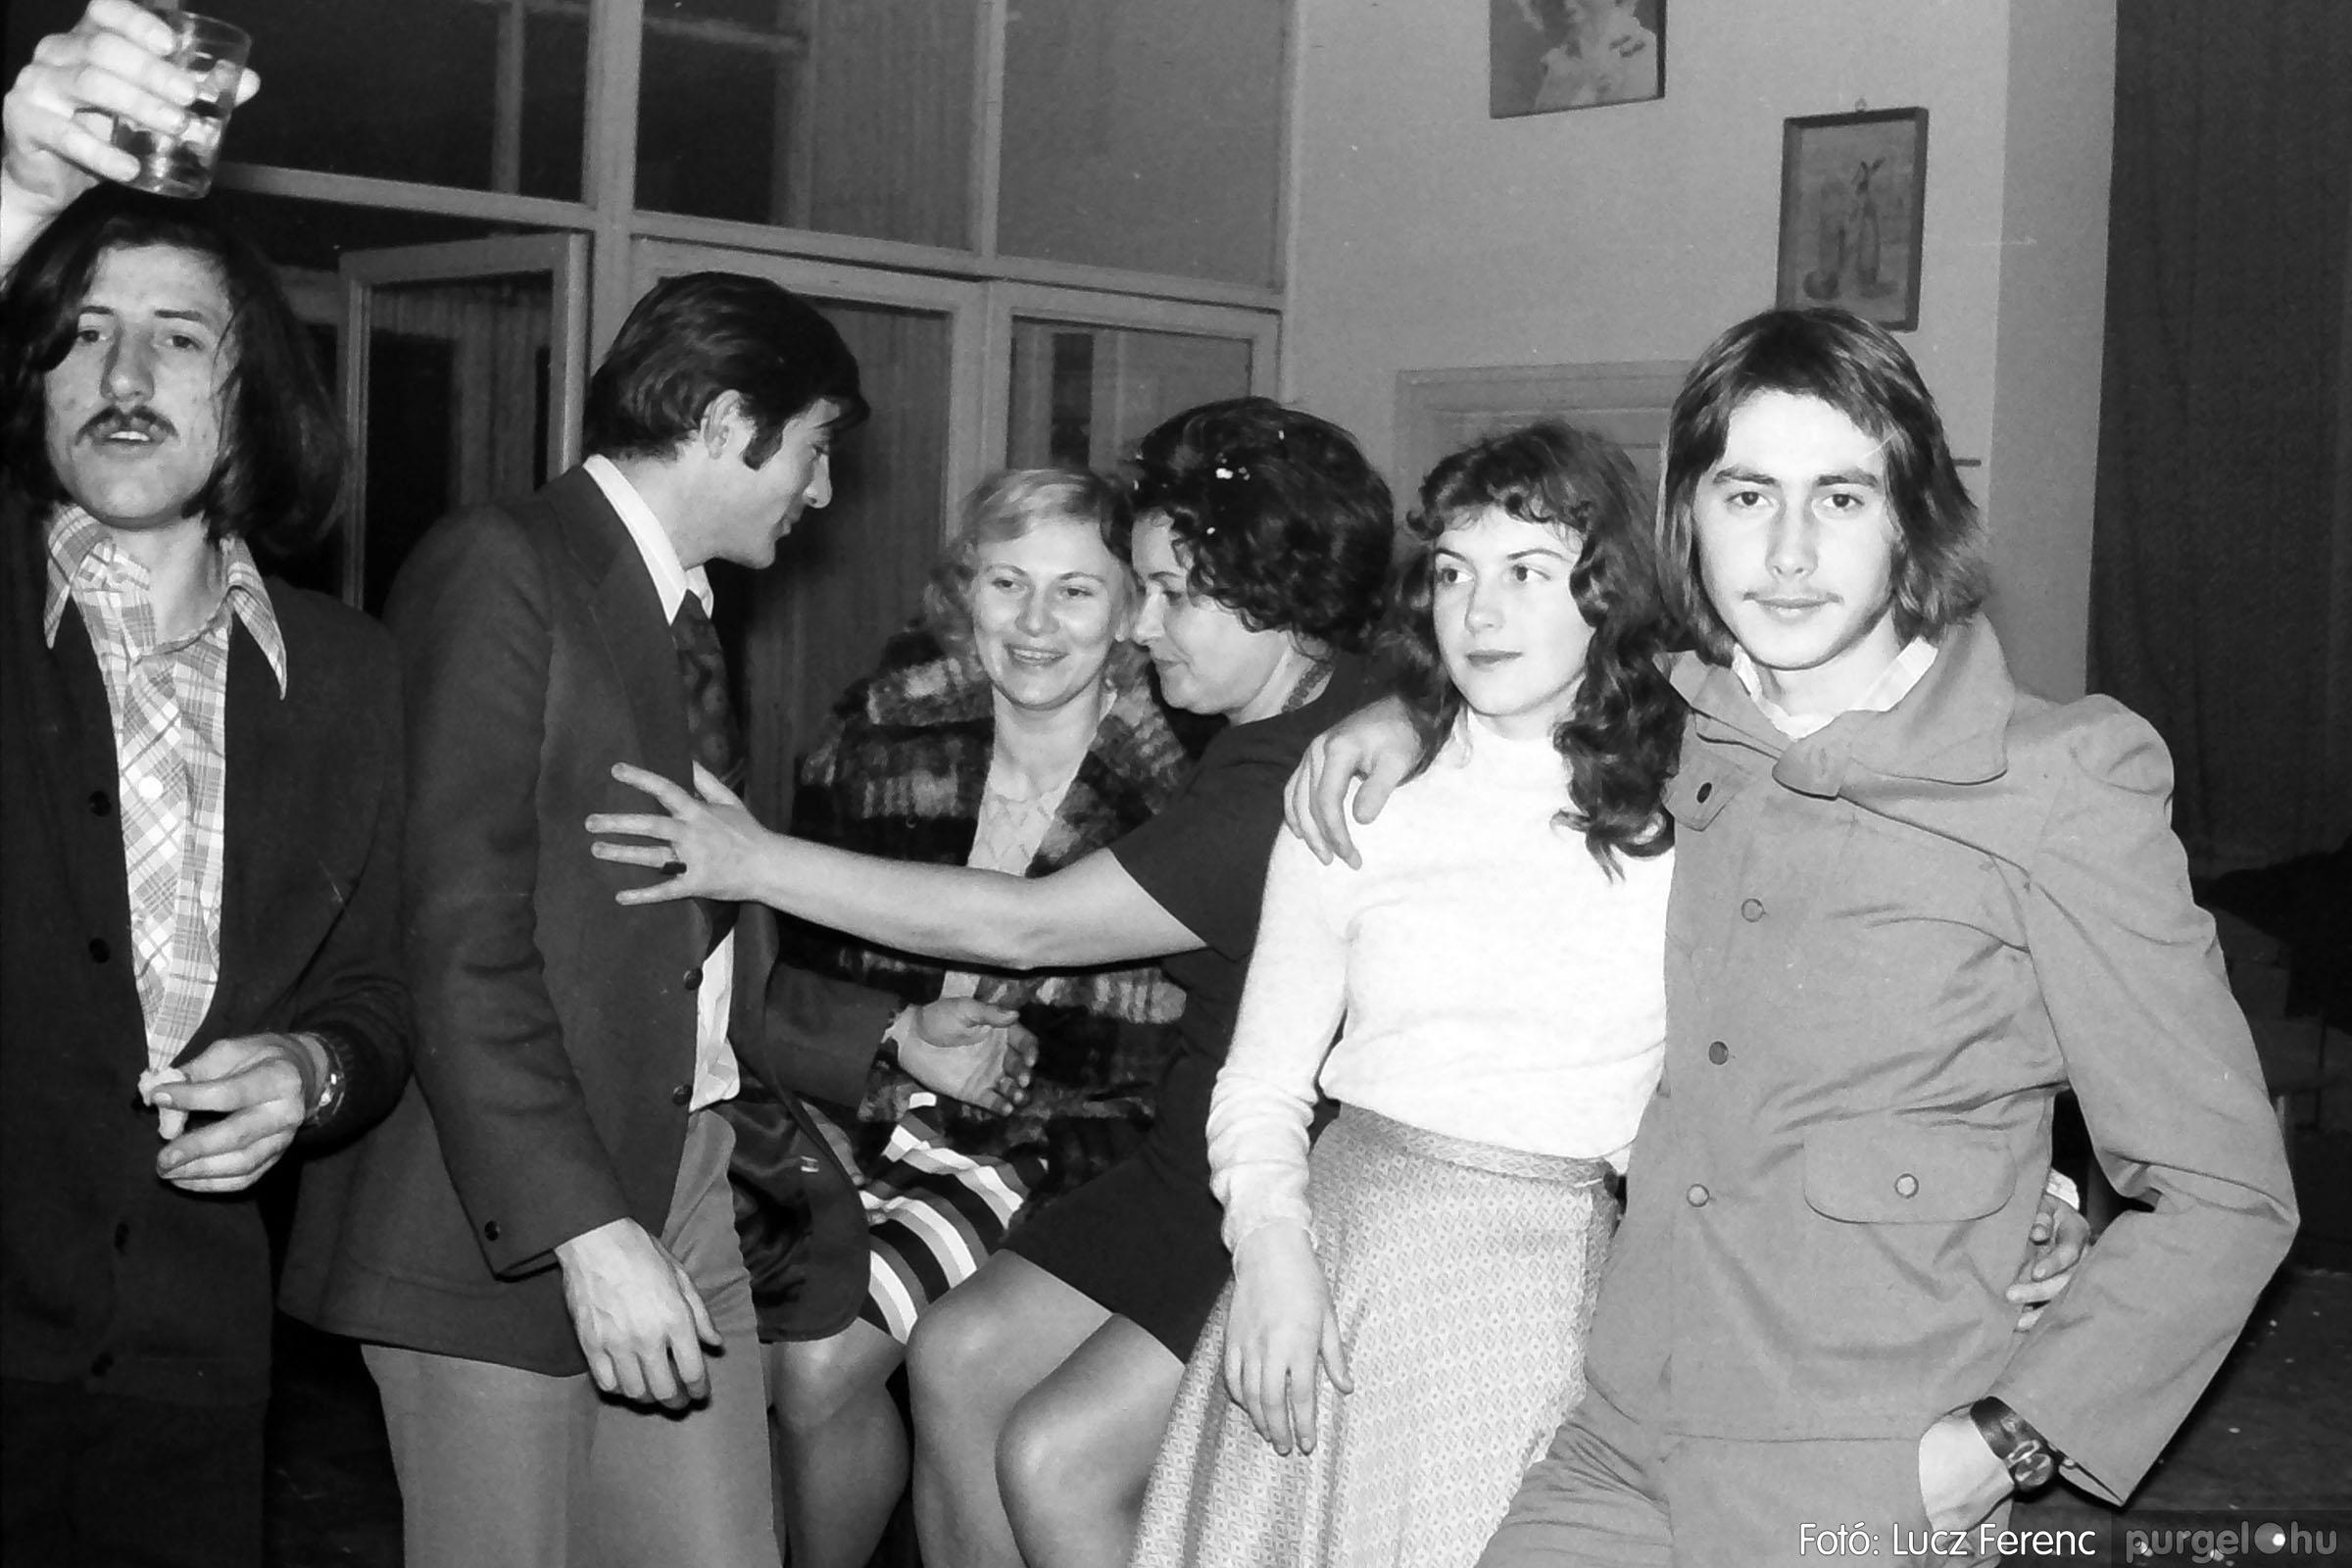 030. 1975.12.31. Szilveszter a kultúrházban 015 - Fotó: Lucz Ferenc.jpg